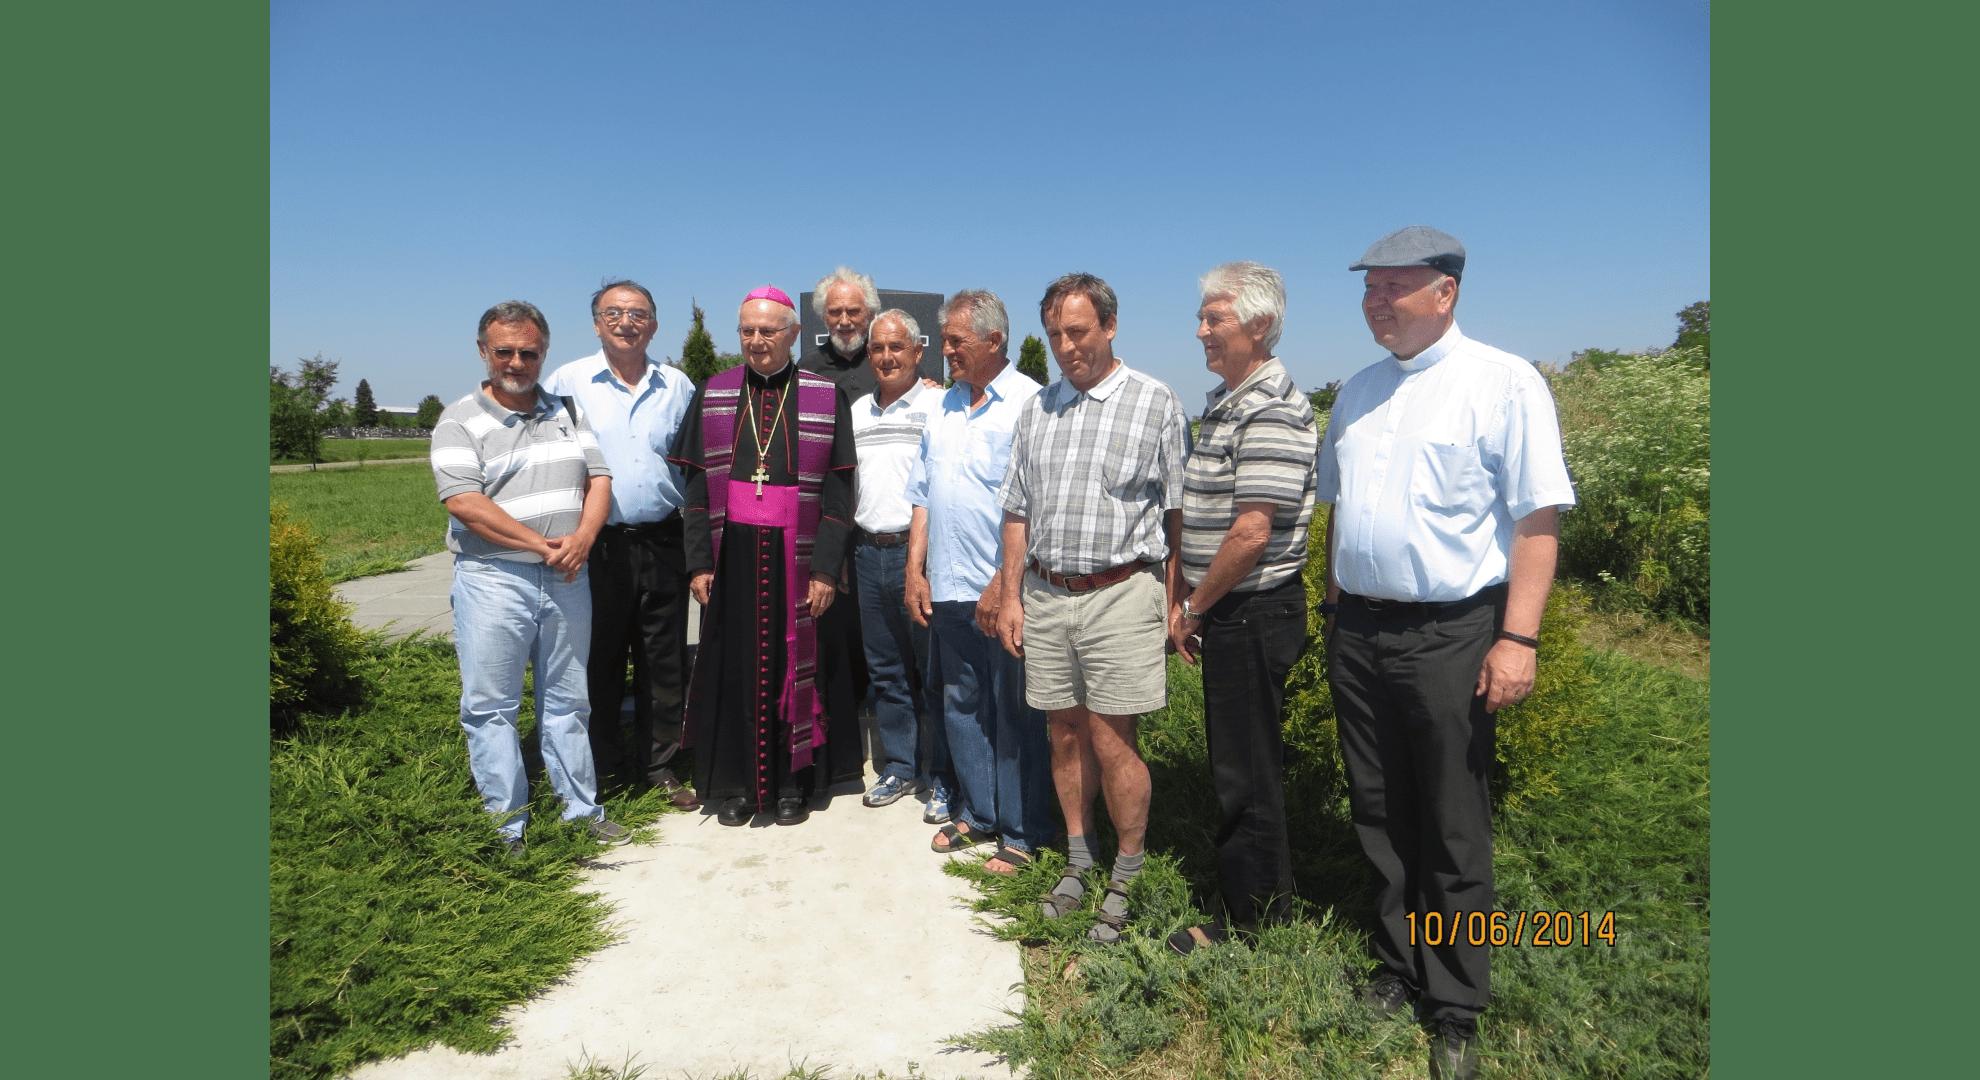 Begegnung an der Gedenkstätte mit serbischen Bürgern 2014. Foto: Archiv Freundeskreis Filipowa